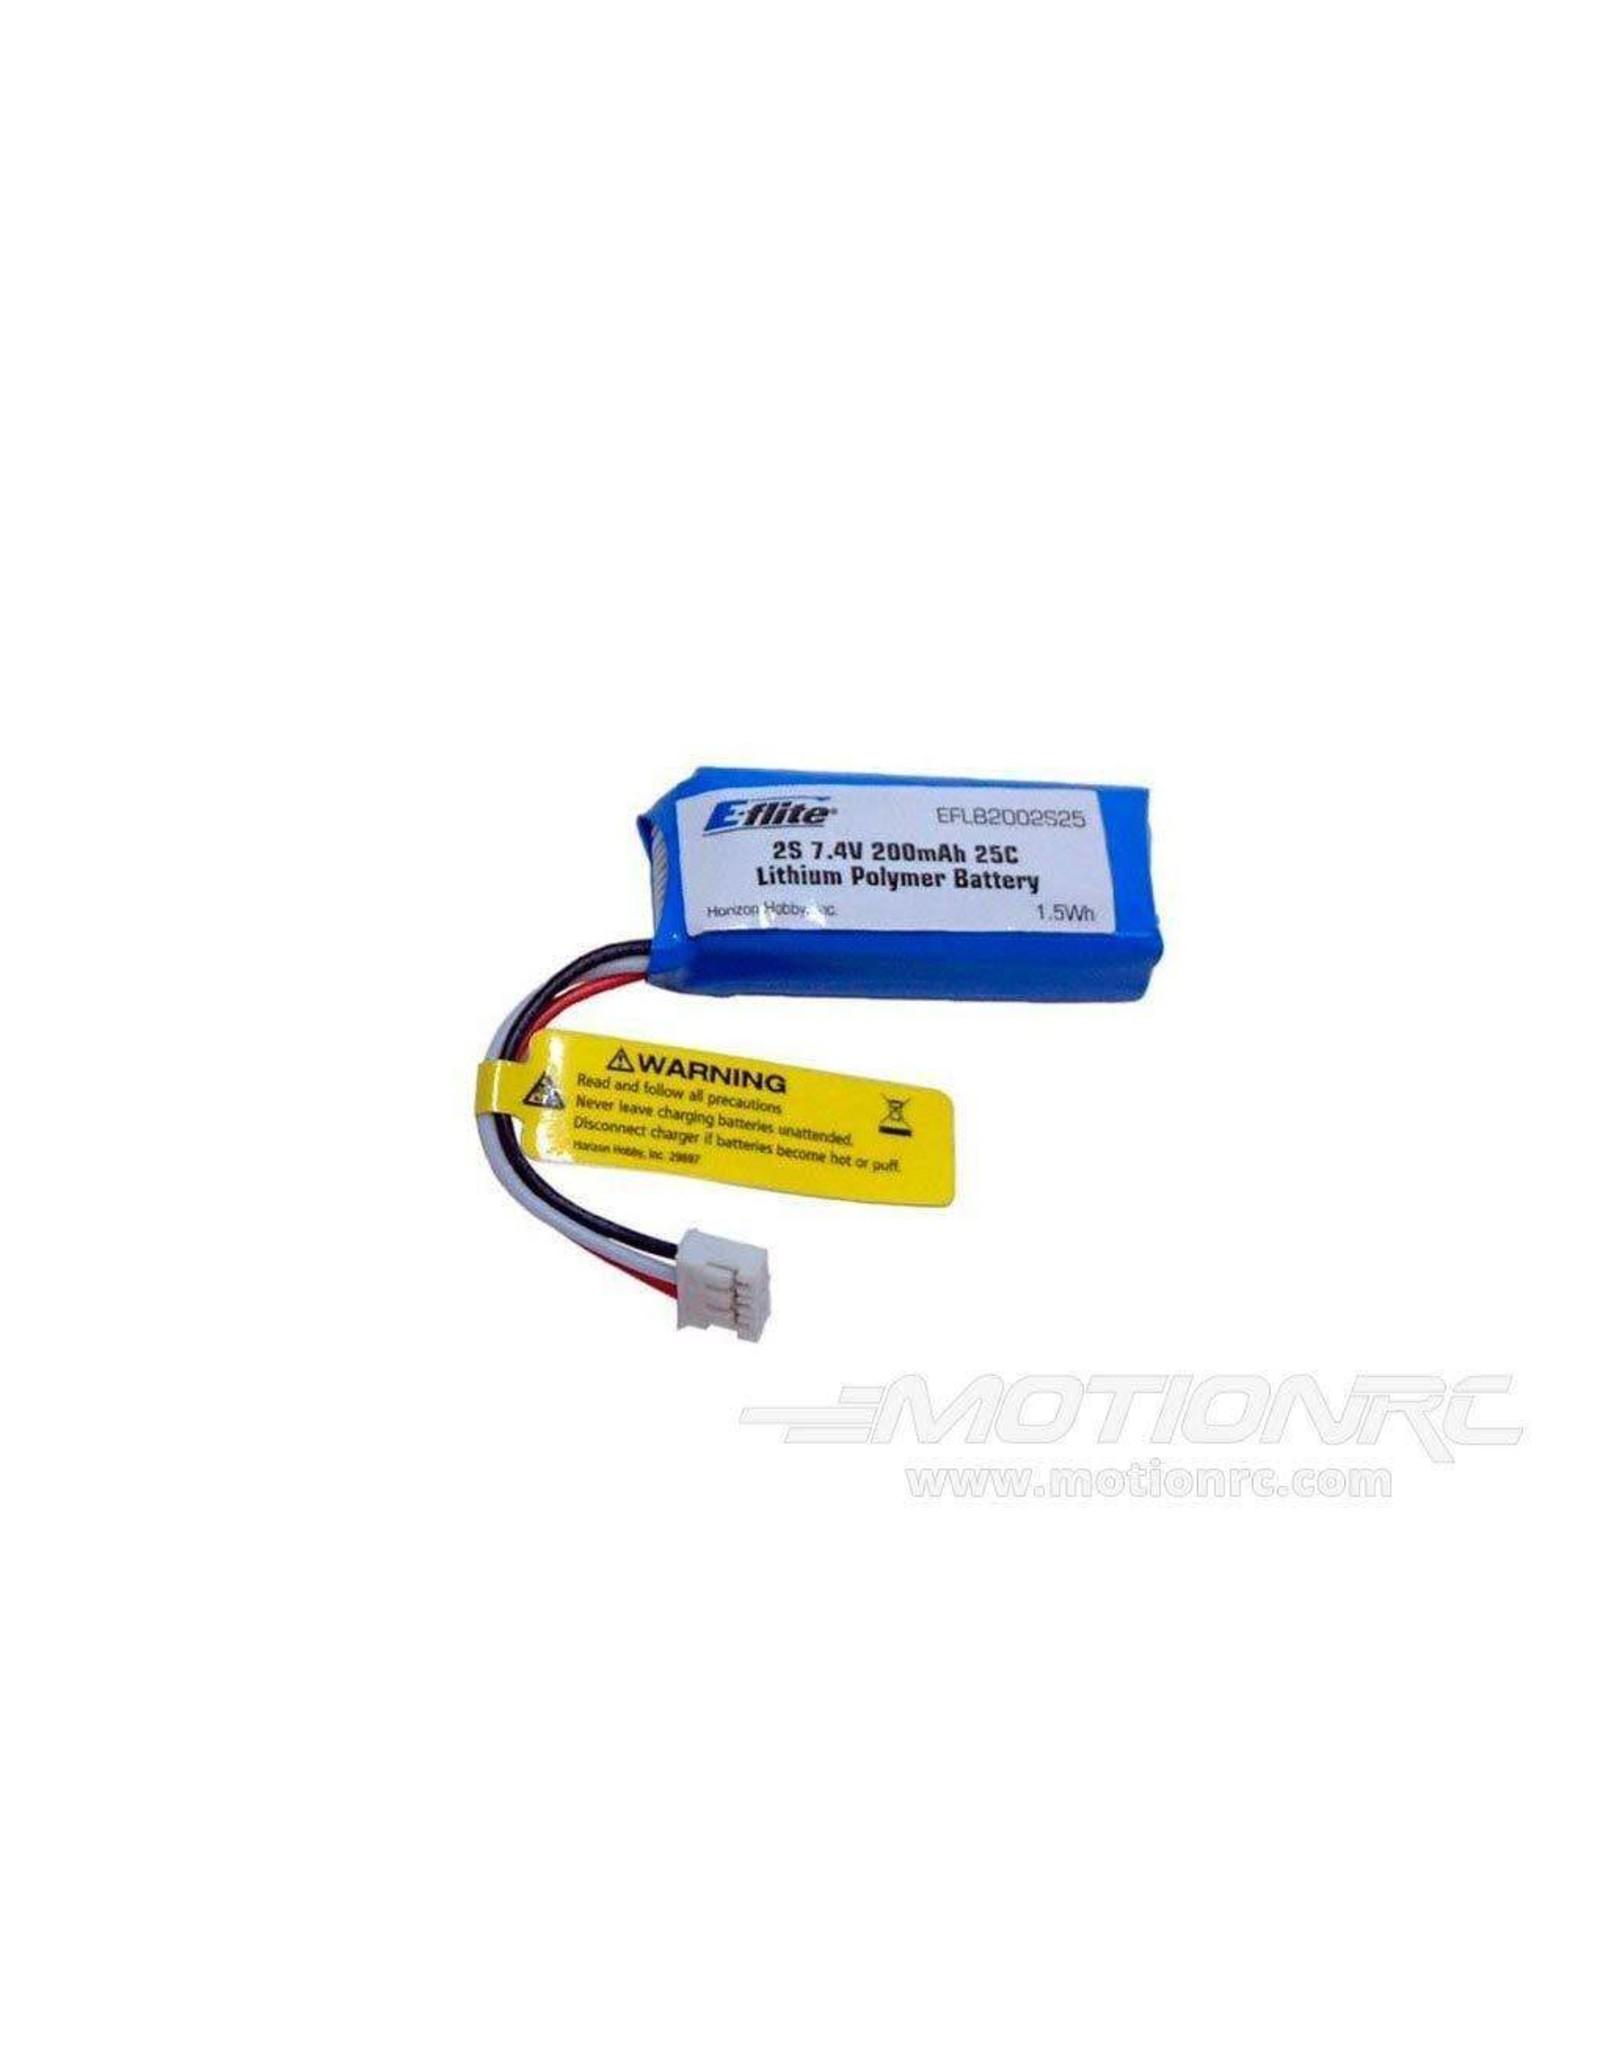 Eflite 200mAh 2S 7.4V 25C LiPo, 26AWG Battery  (EFLB2002S25)